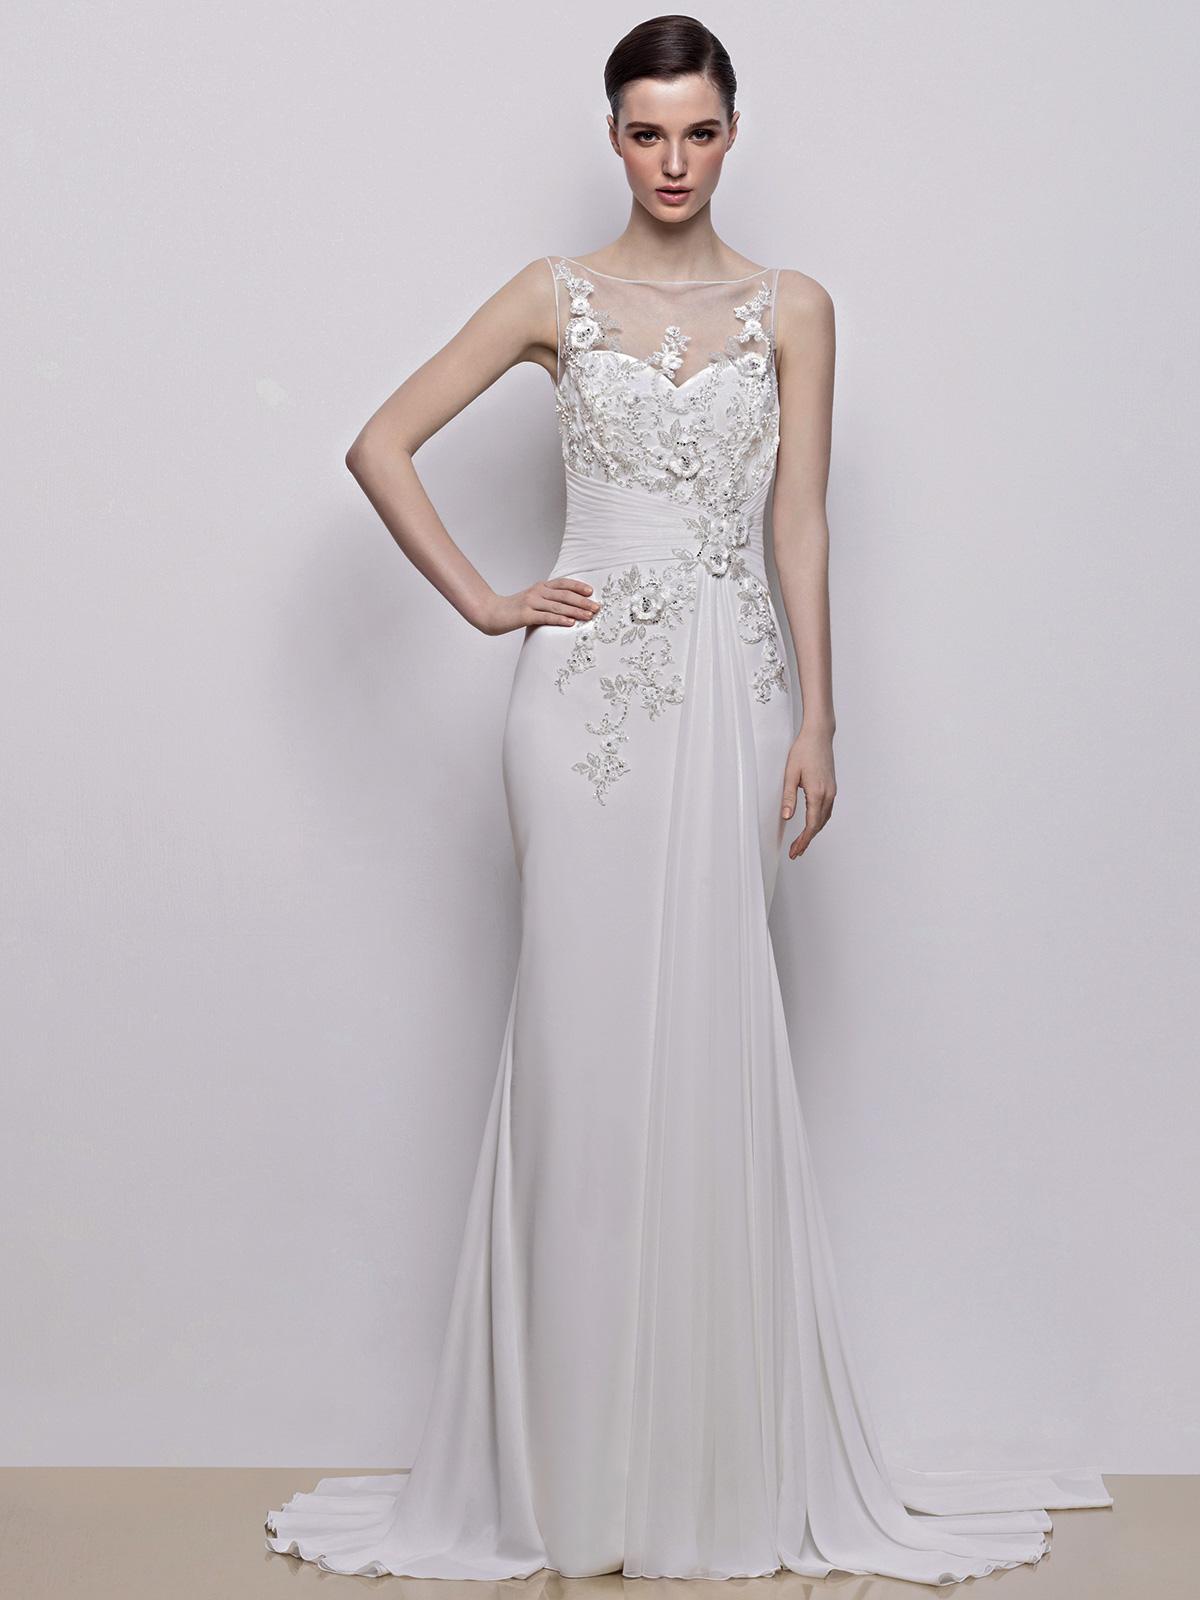 Sam\'s Komplette Braut - Billige Brautkleider von Sam\'s